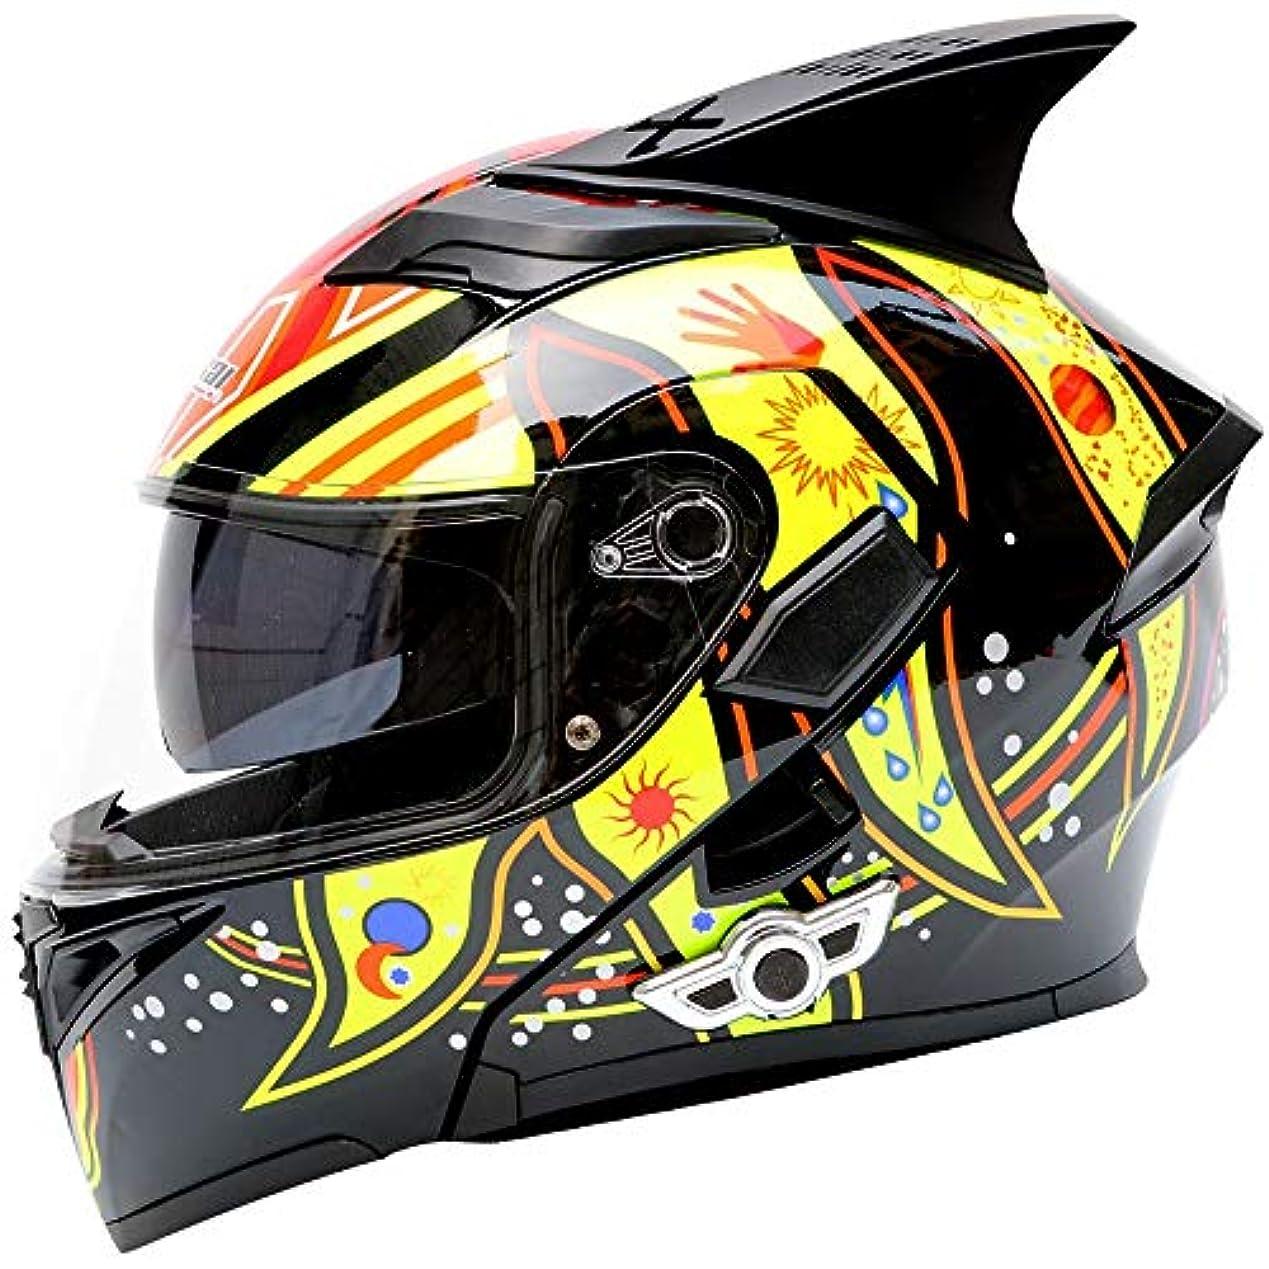 嵐の嘆くファイルHYH 電動バイクヘルメット車のBluetoothヘルメットダブルレンズオープンフェイスヘルメットオートバイヘルメット付き角 - ABS素材 - 黒/黄色 - パターン - 大 いい人生 (Size : S)